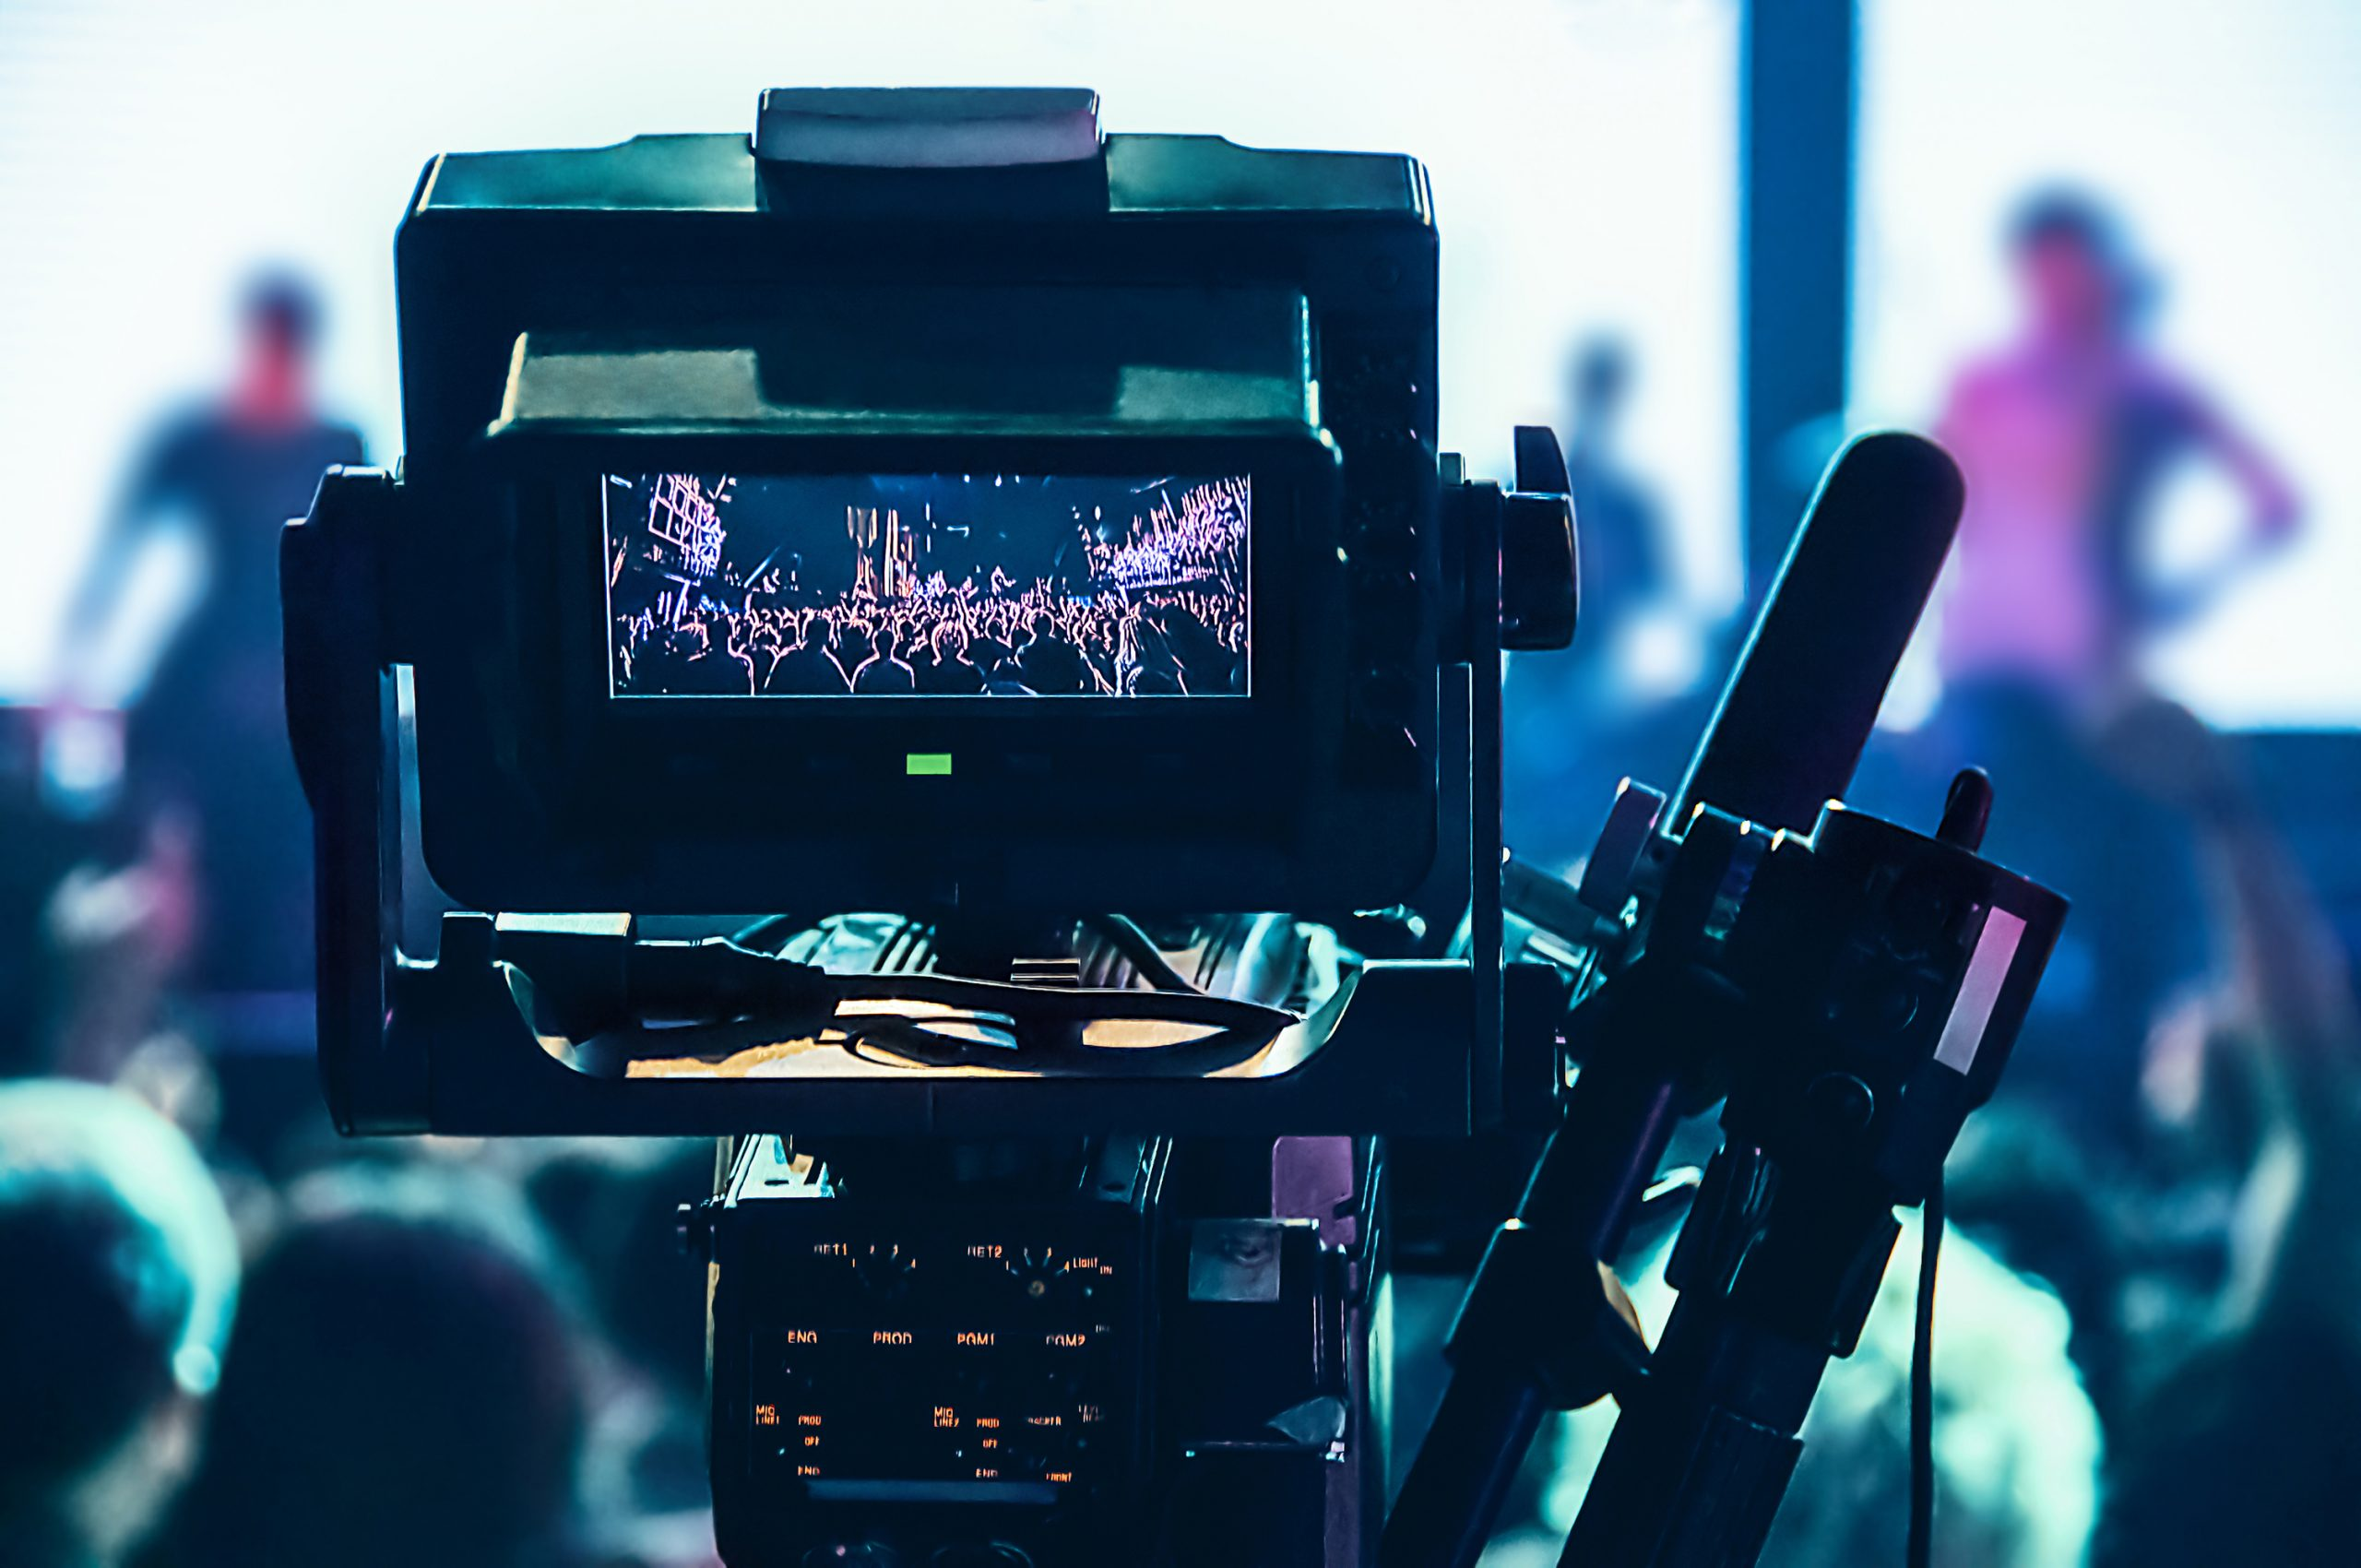 Företagsvideo – Därför ska ditt Företag satsa på Film 2021